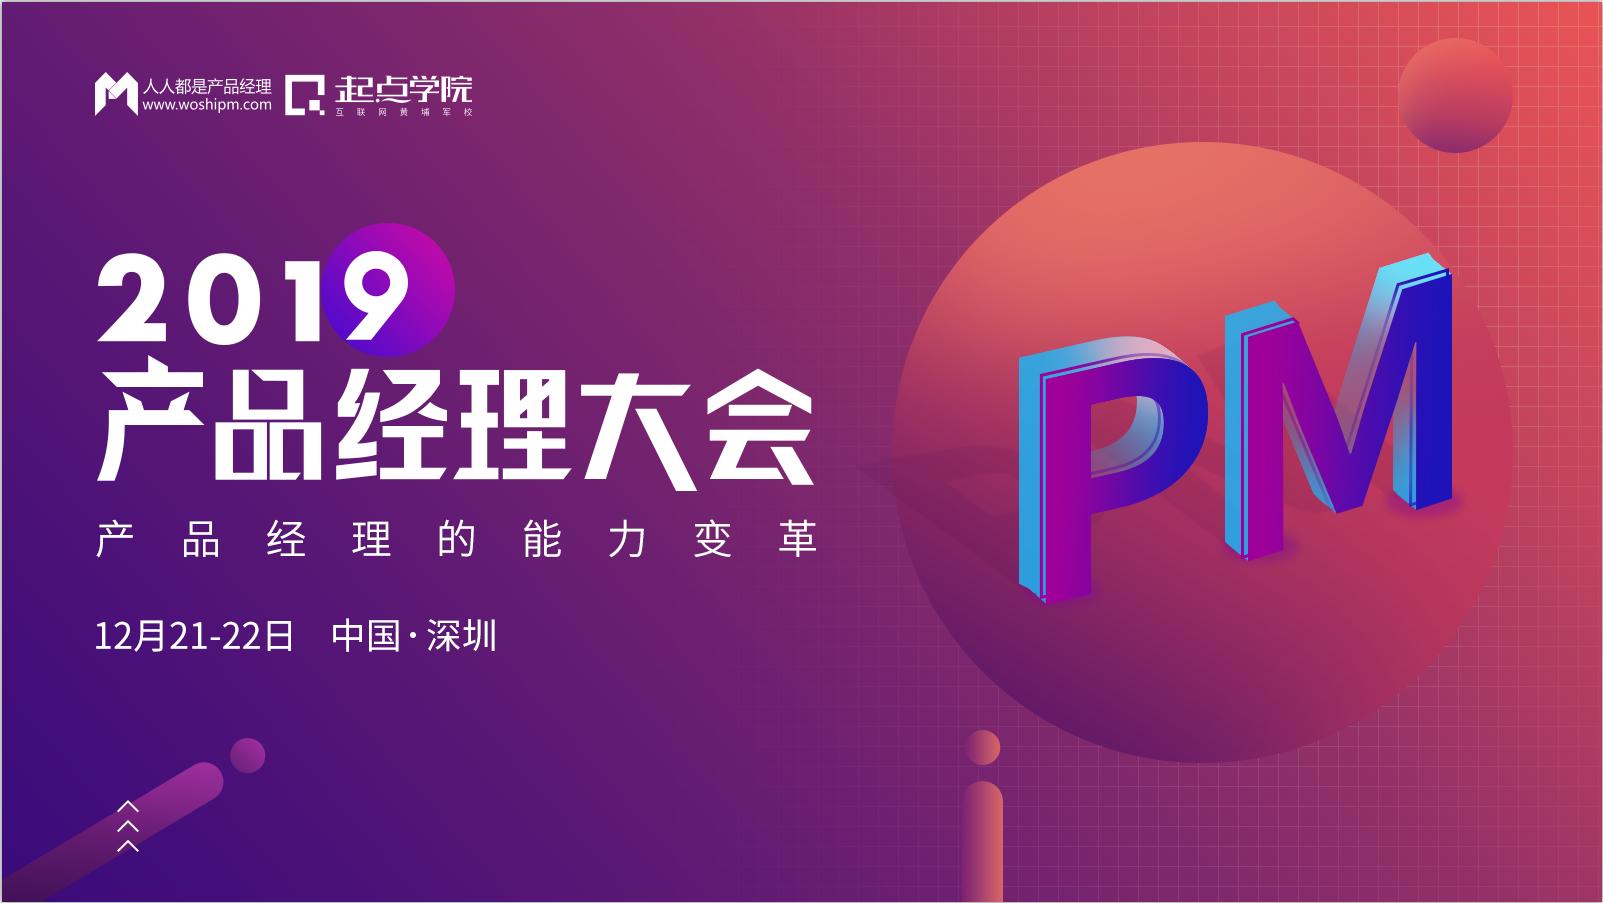 2019年终产品经理大会